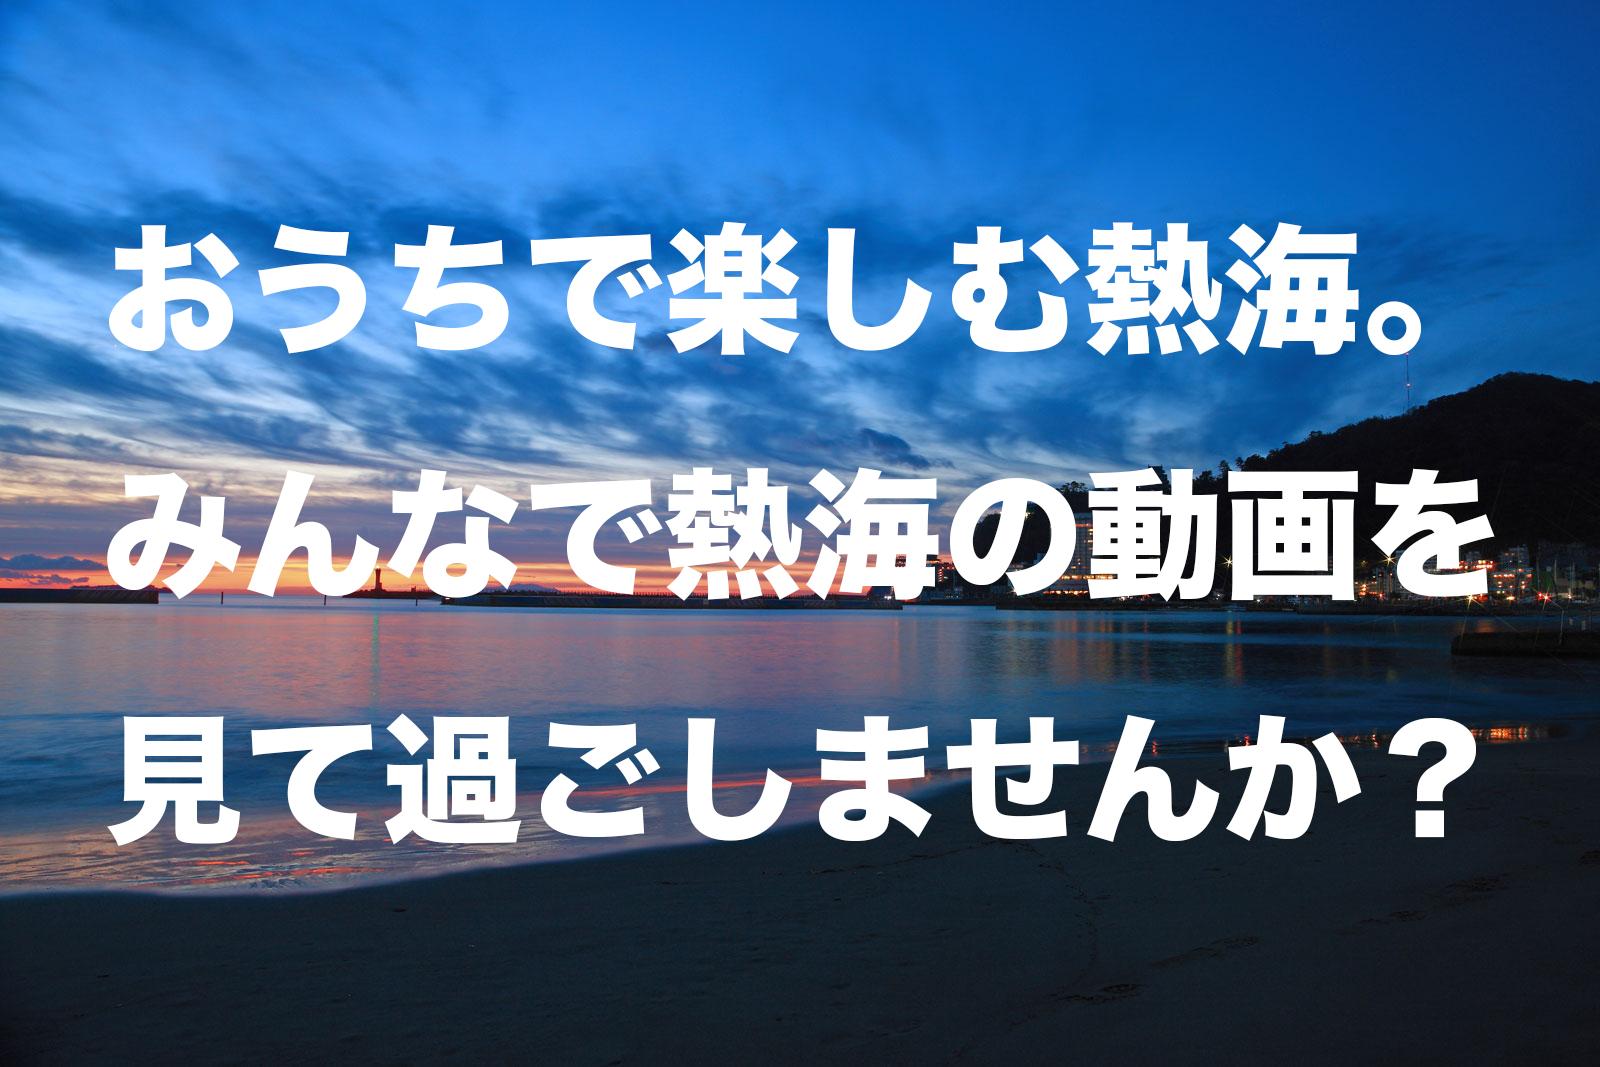 おうちで楽しむ熱海。みんなで熱海の動画を見て過ごしませんか?